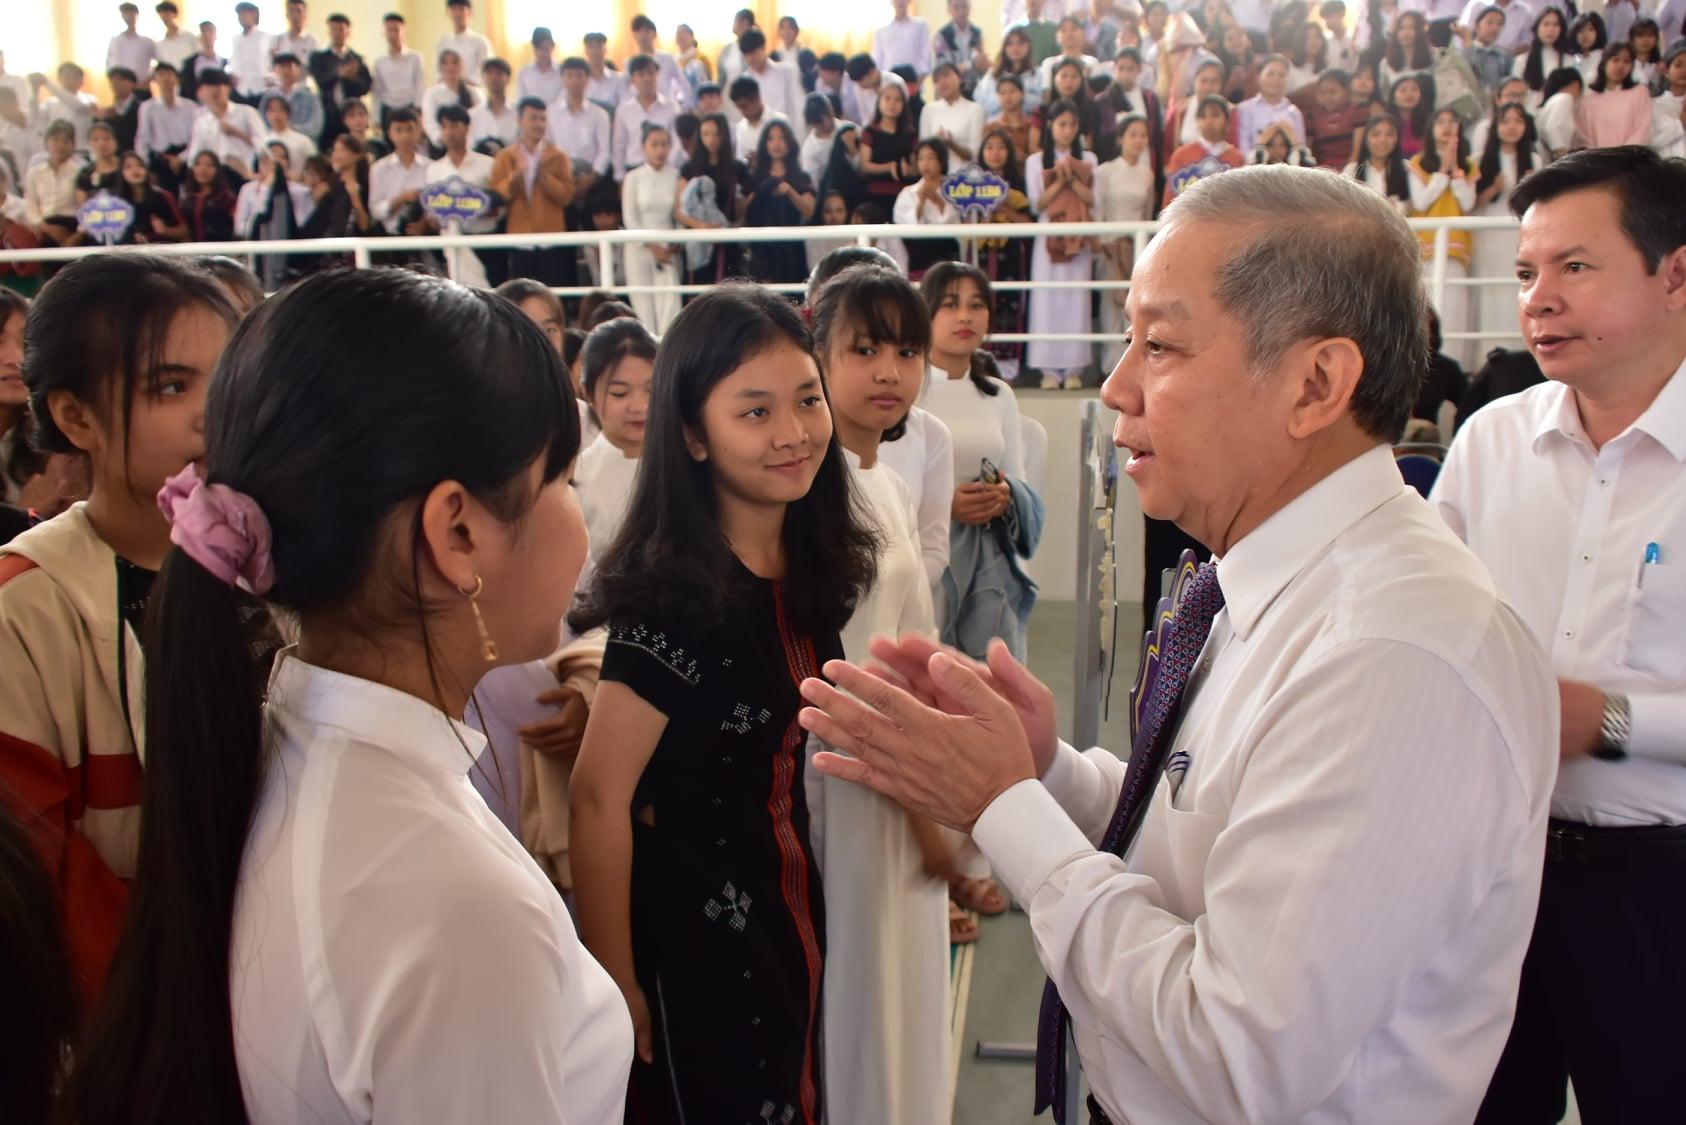 Chủ tịch UBND tỉnh Thừa Thiên Huế Phan Ngọc Thọ nói chuyện với các em học sinh.